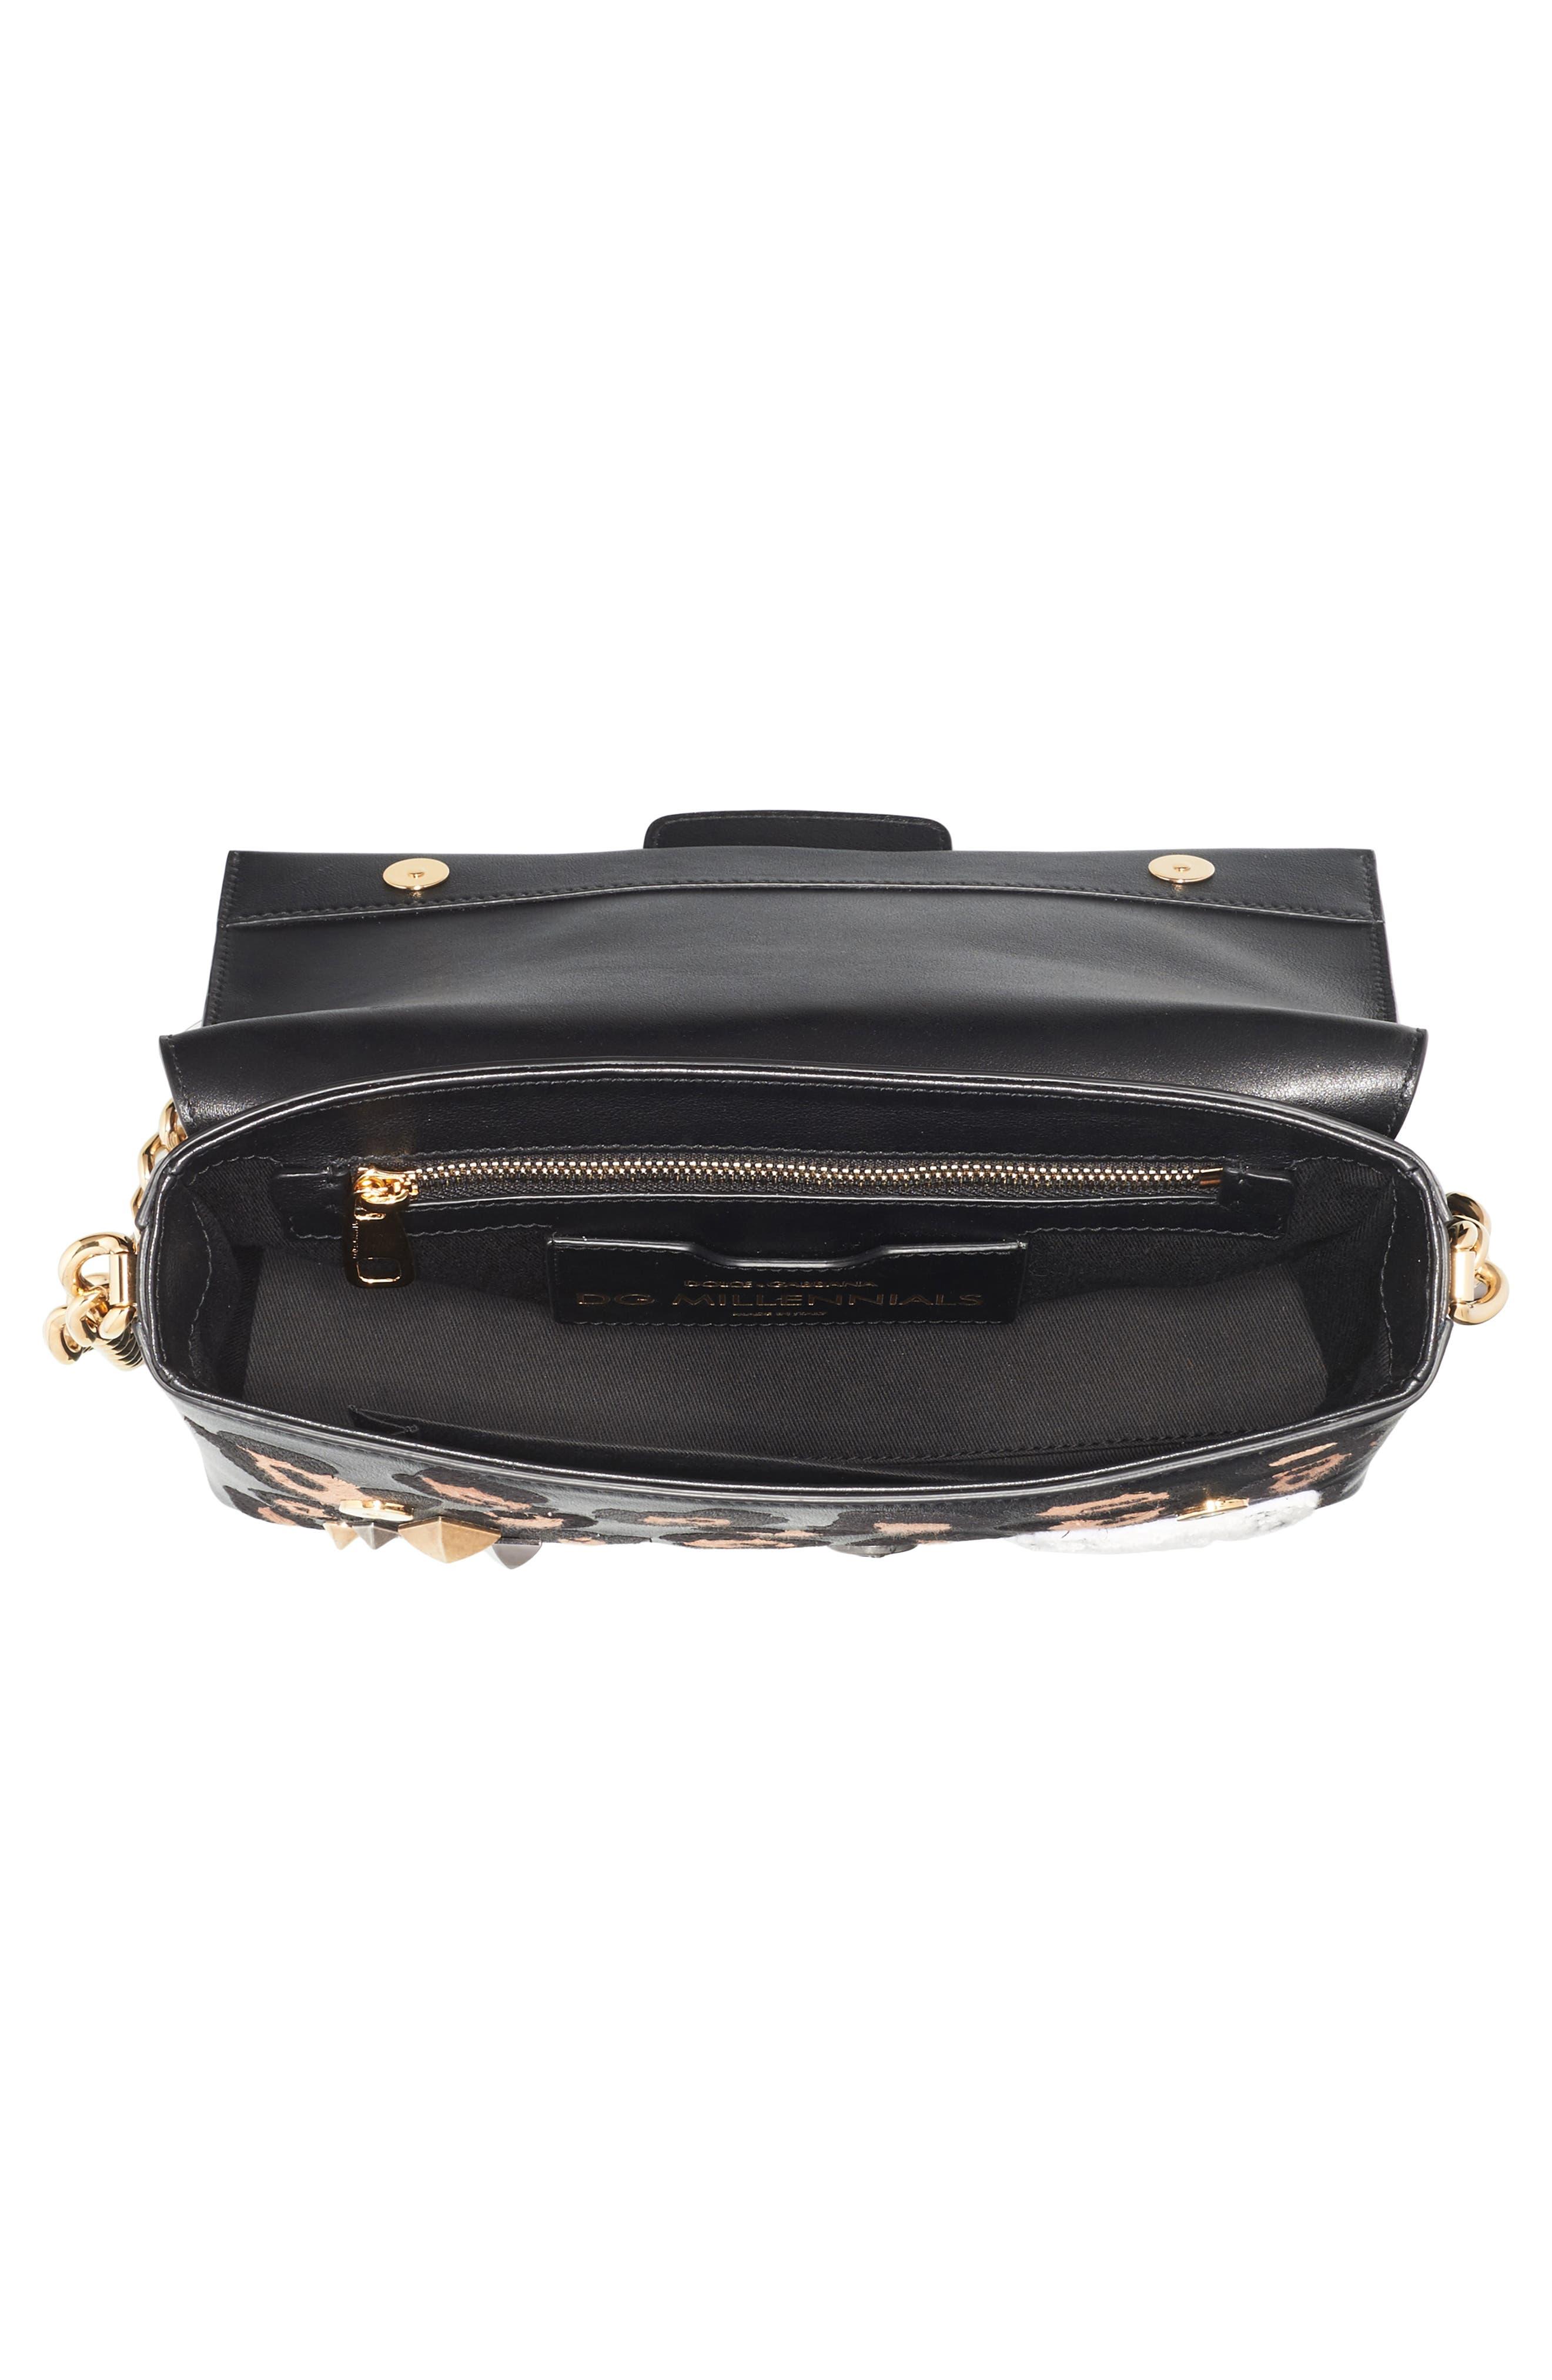 Millennials Embellished Leather Shoulder Bag,                             Alternate thumbnail 3, color,                             001